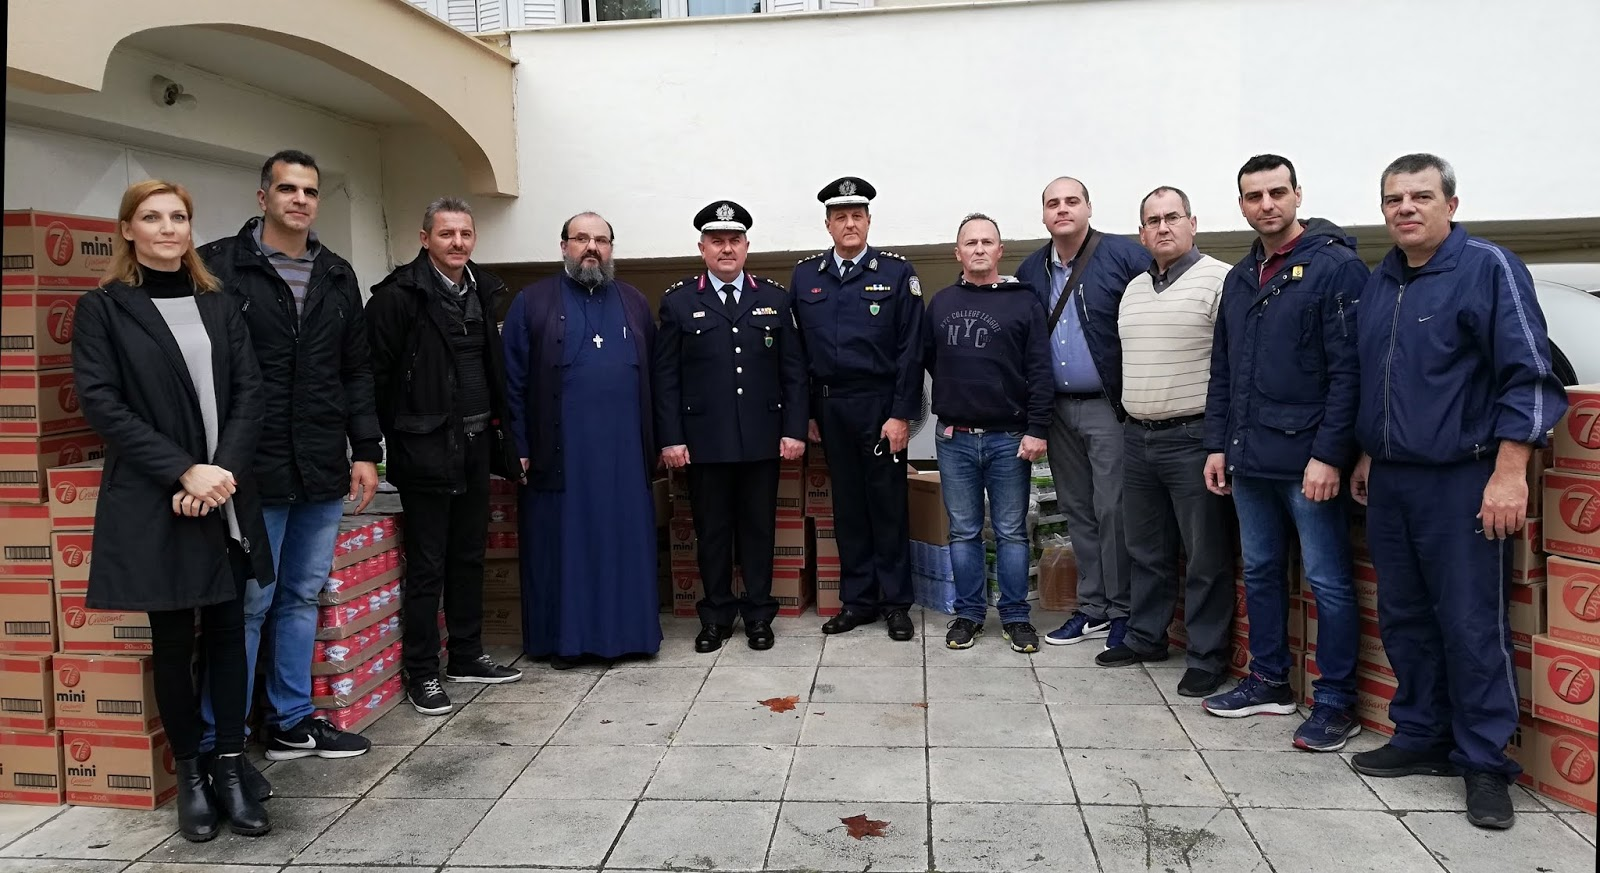 Κοινωνικές δράσεις της Γενικής Περιφερειακής Αστυνομικής Διεύθυνσης Θεσσαλίας στο πλαίσιο των εορτών των Χριστουγέννων και του Νέου Έτους